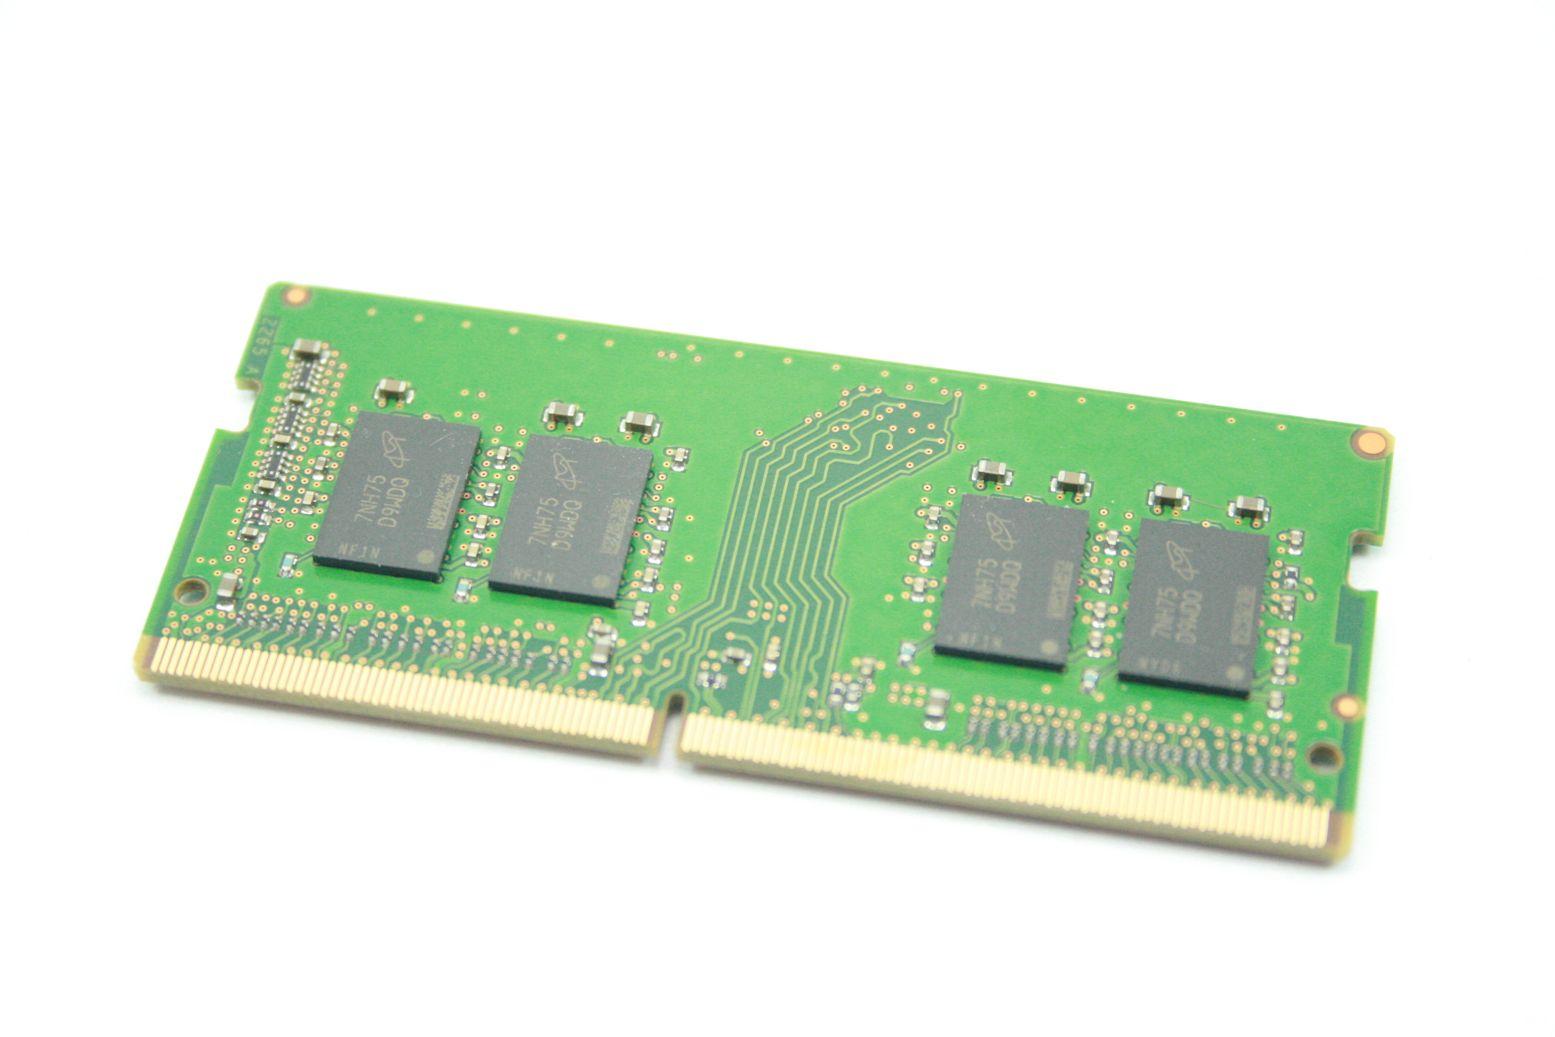 DELL 16GB 1x 16GB DDR4 2400MHz RAM SDIMM PC4-19200 2400T HNDJ7